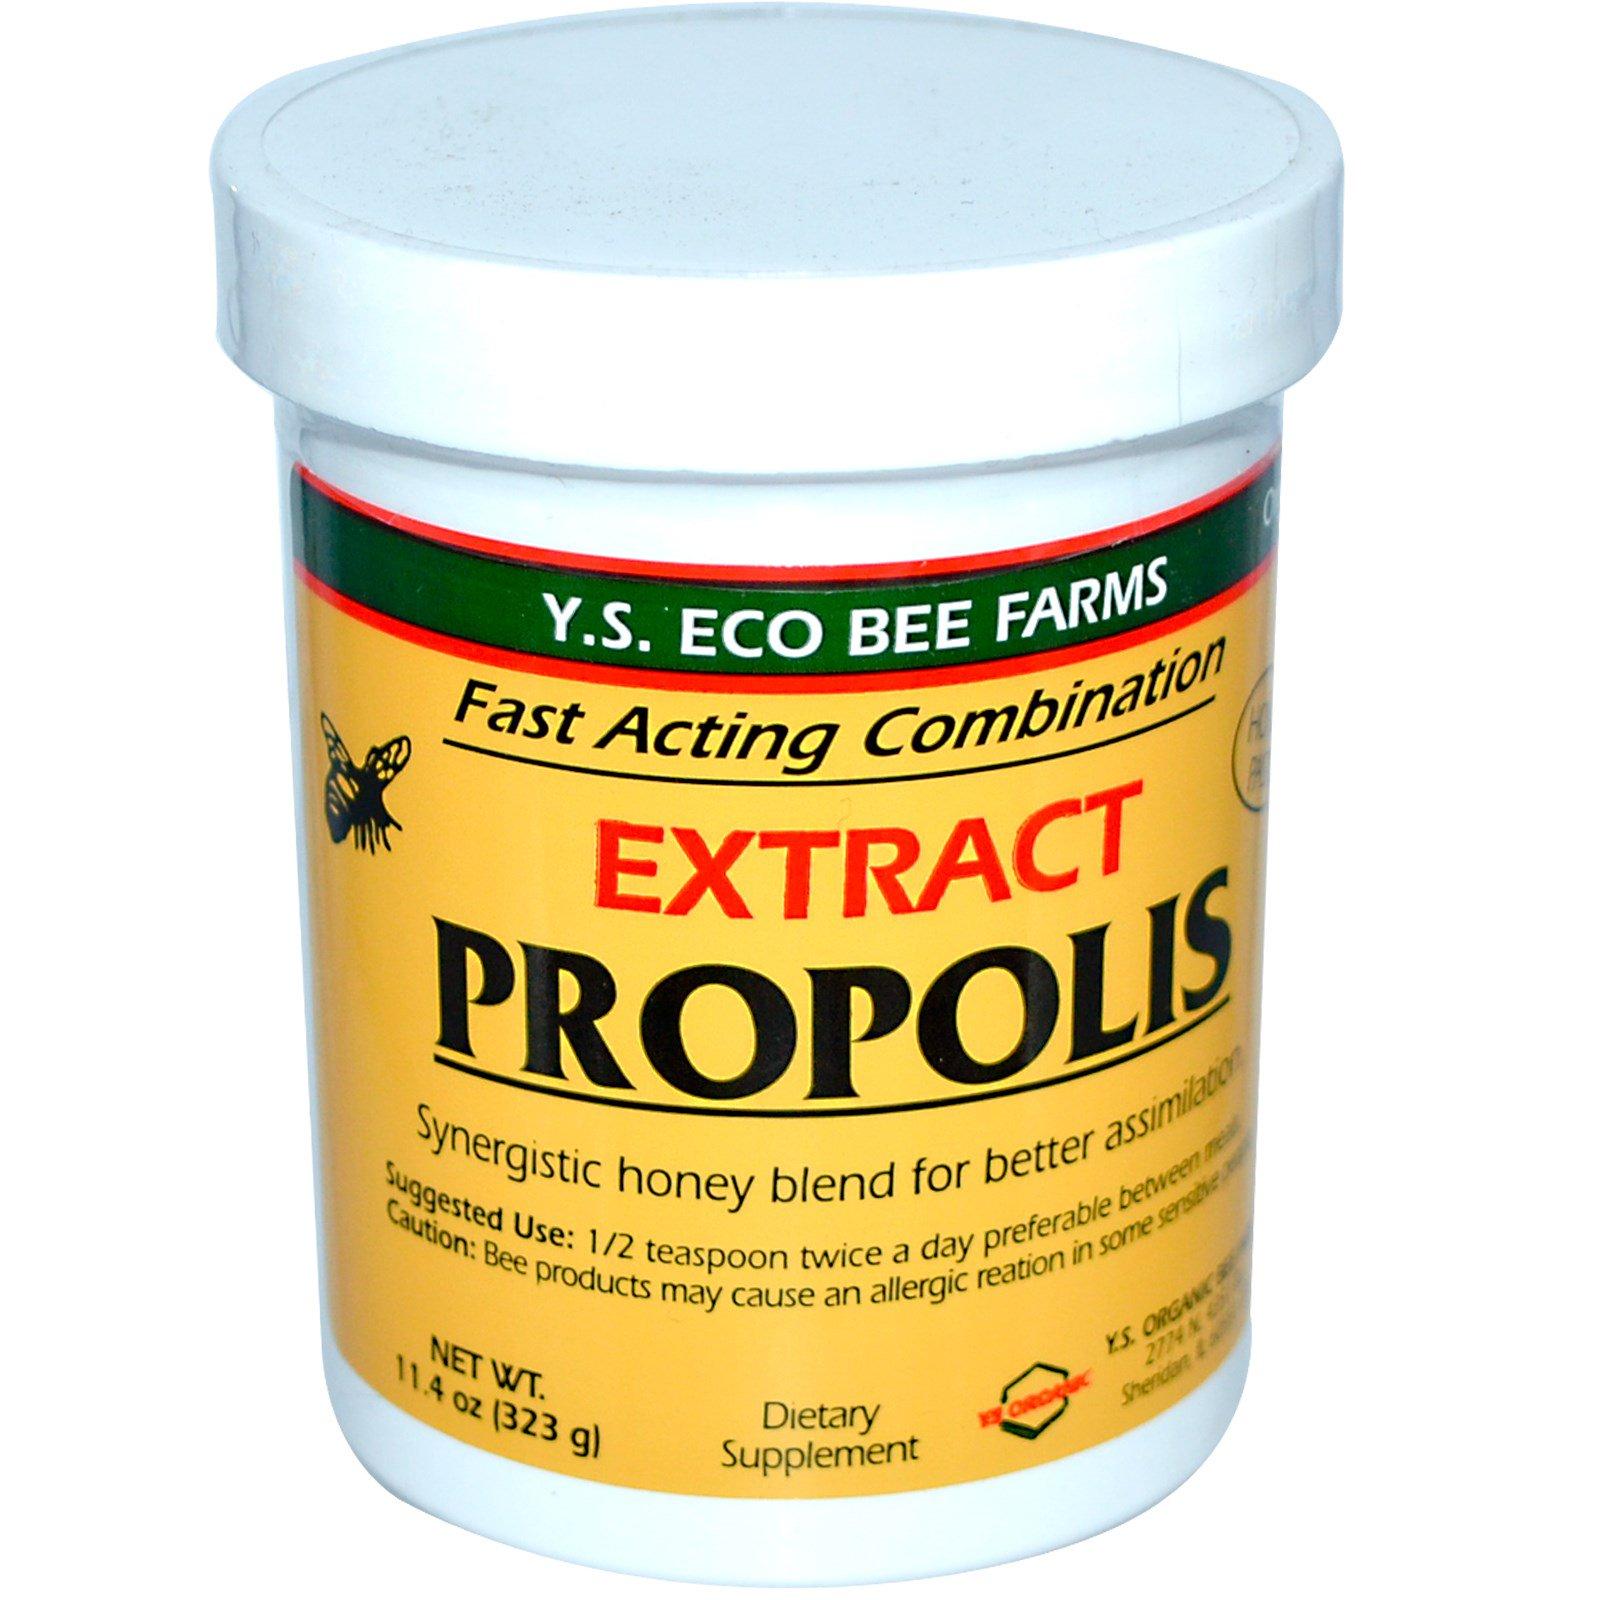 Y S  Eco Bee Farms, Propolis, Extract, 11 4 oz (323 g